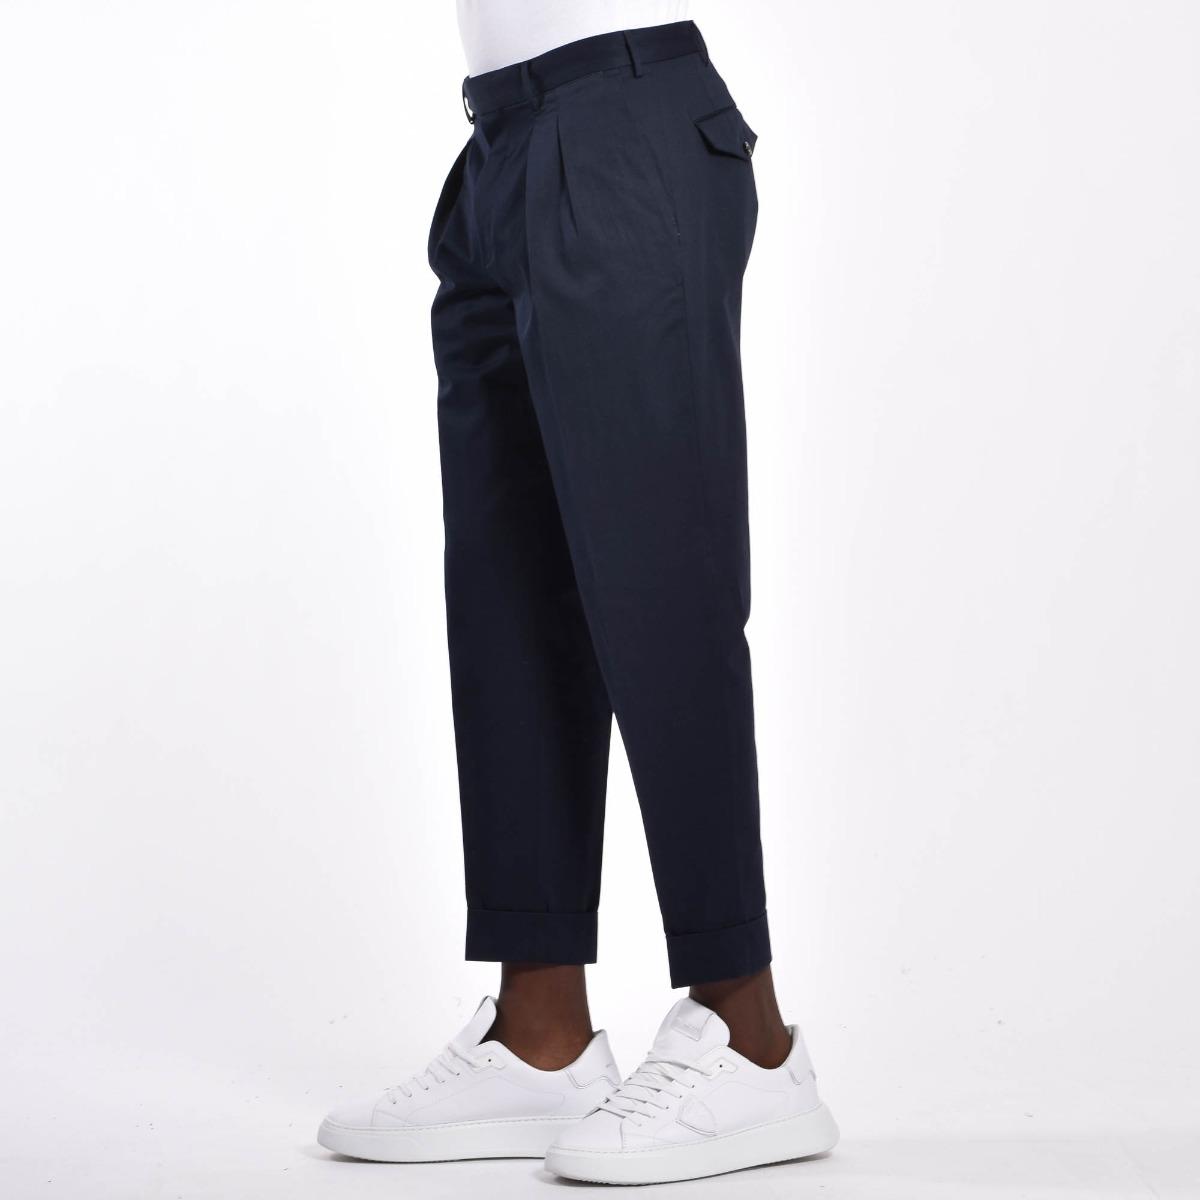 Pantalone carrot fit e pences - Blu